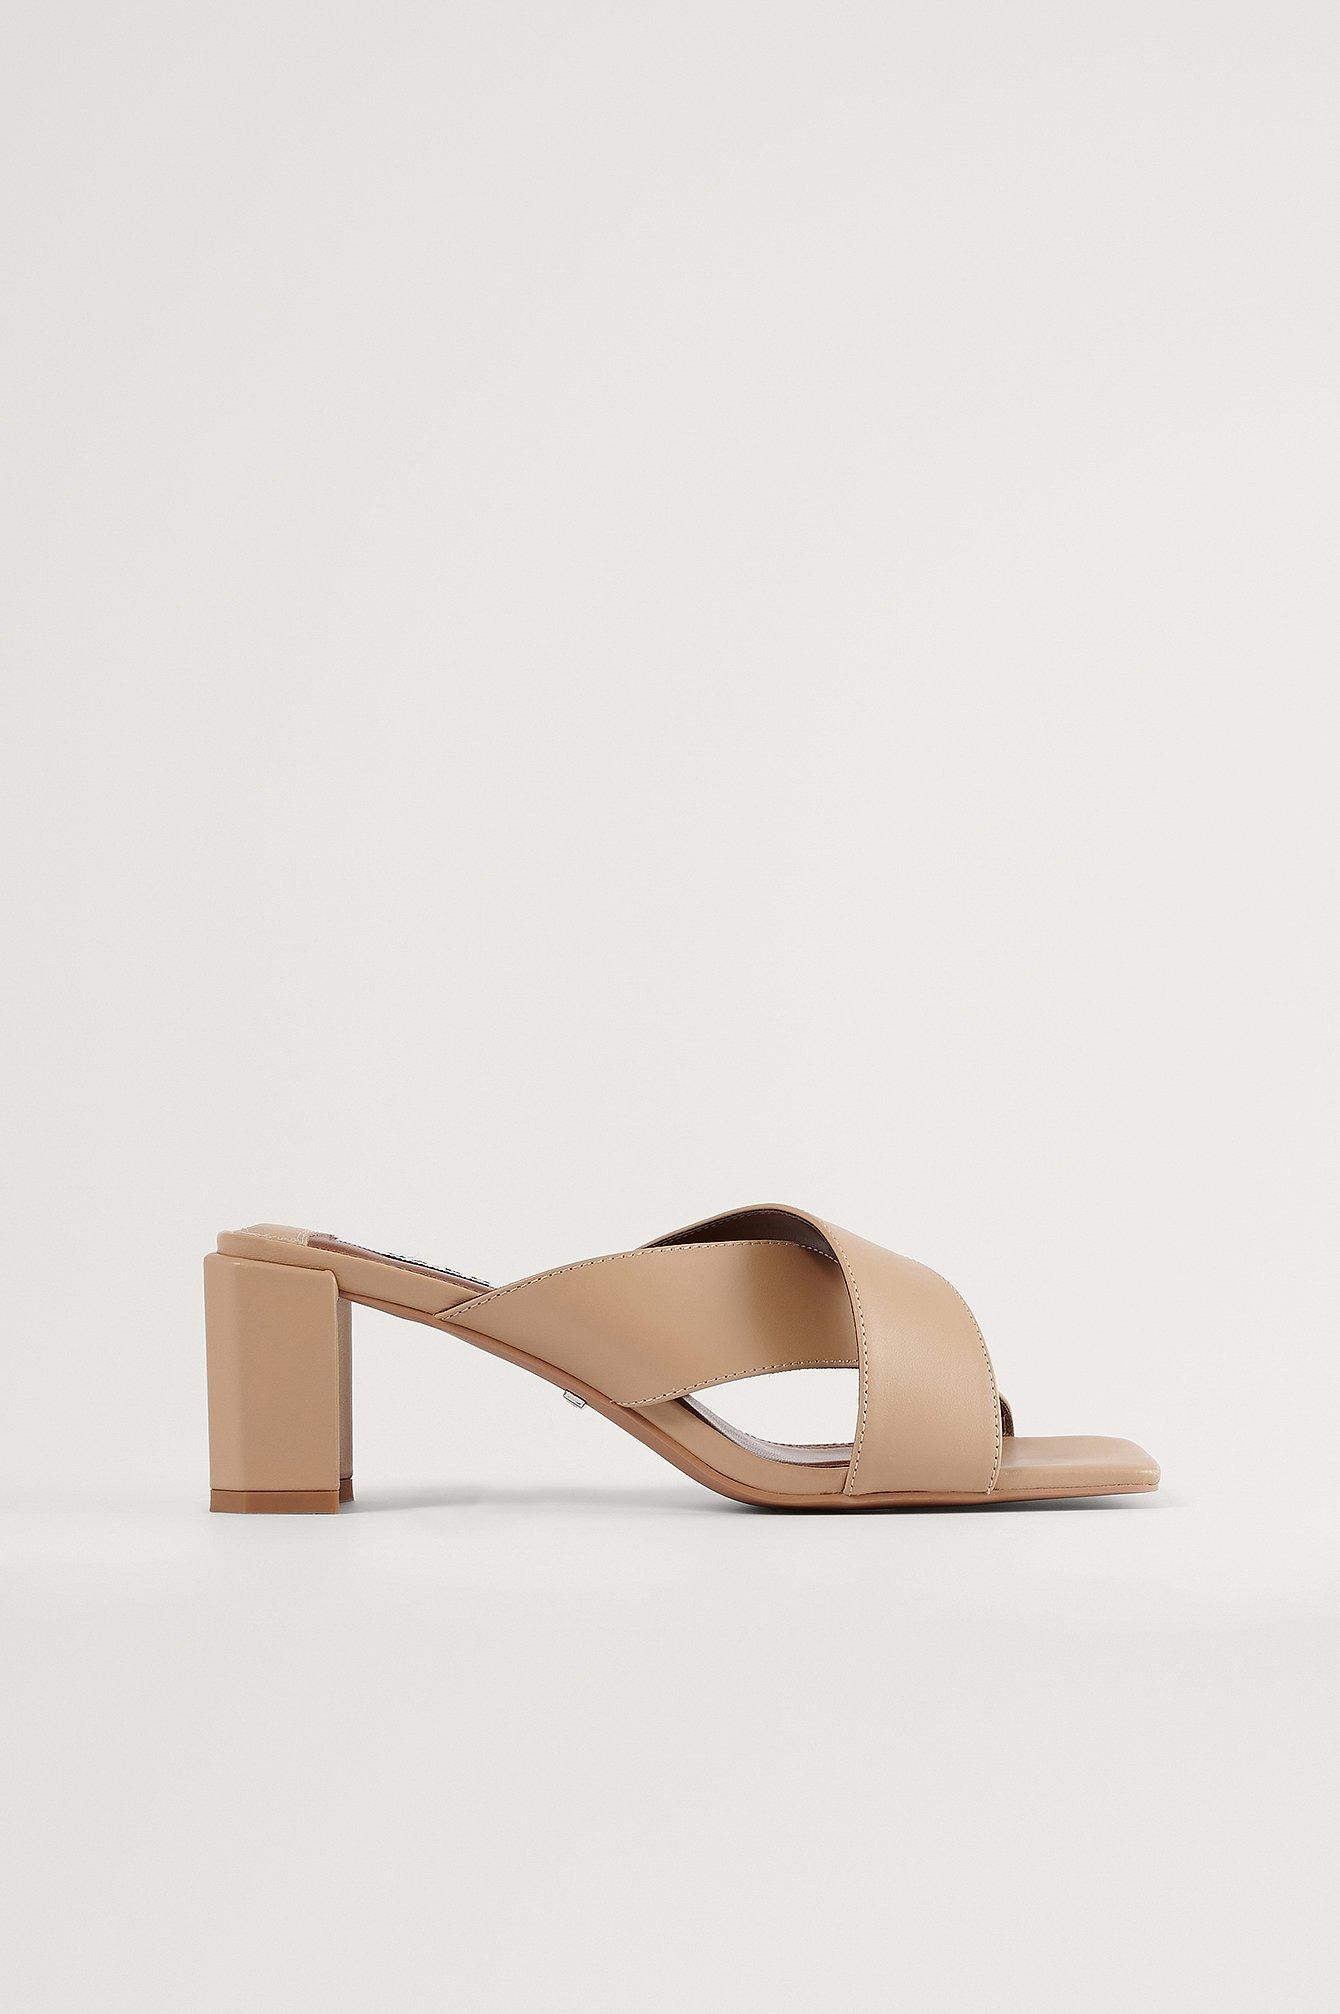 NA-KD Shoes Mules - Beige